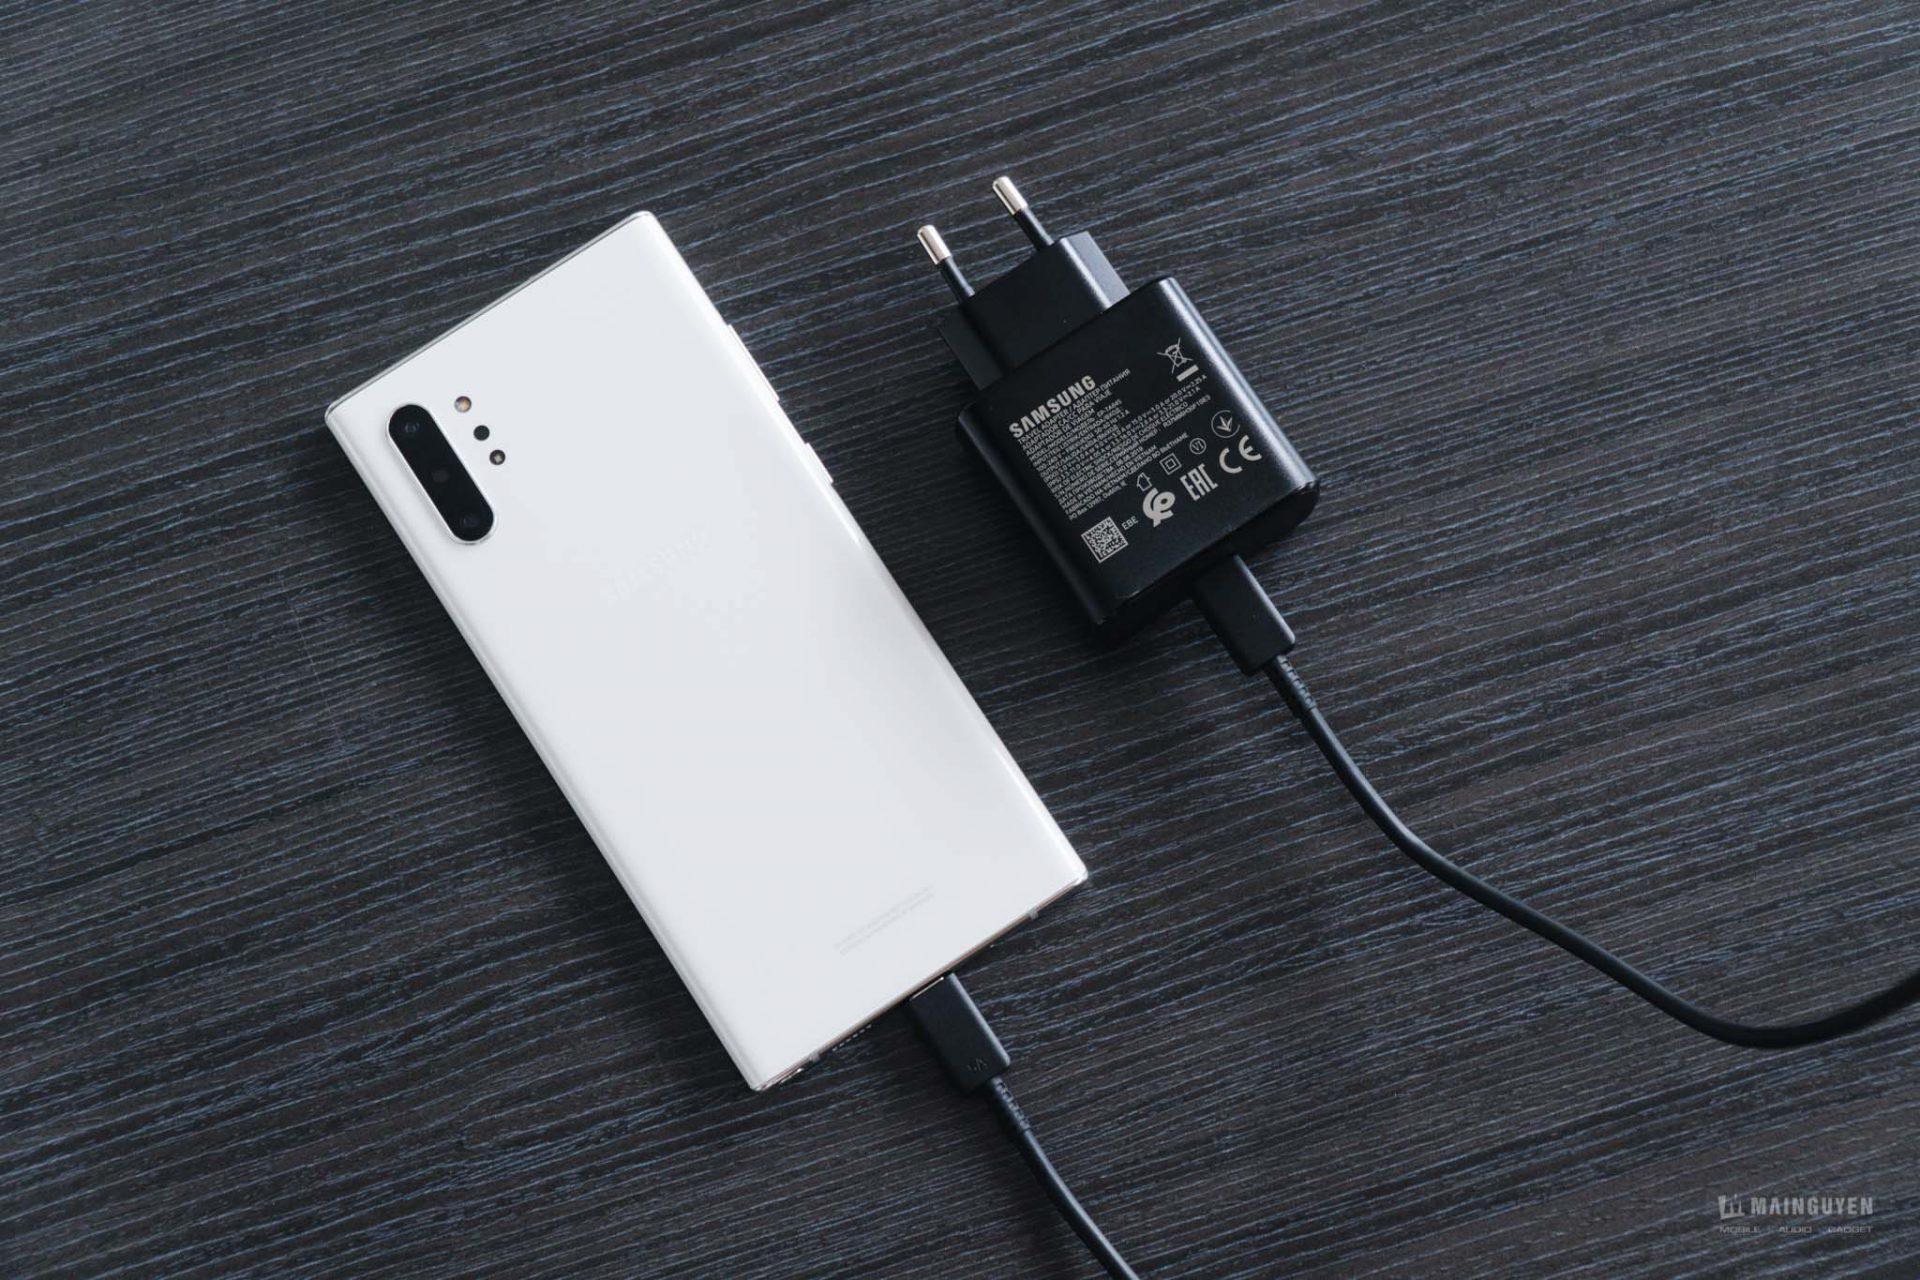 Đây là lí do tại sao bạn nên mua Bộ sạc 45W của Samsung cho Note10+